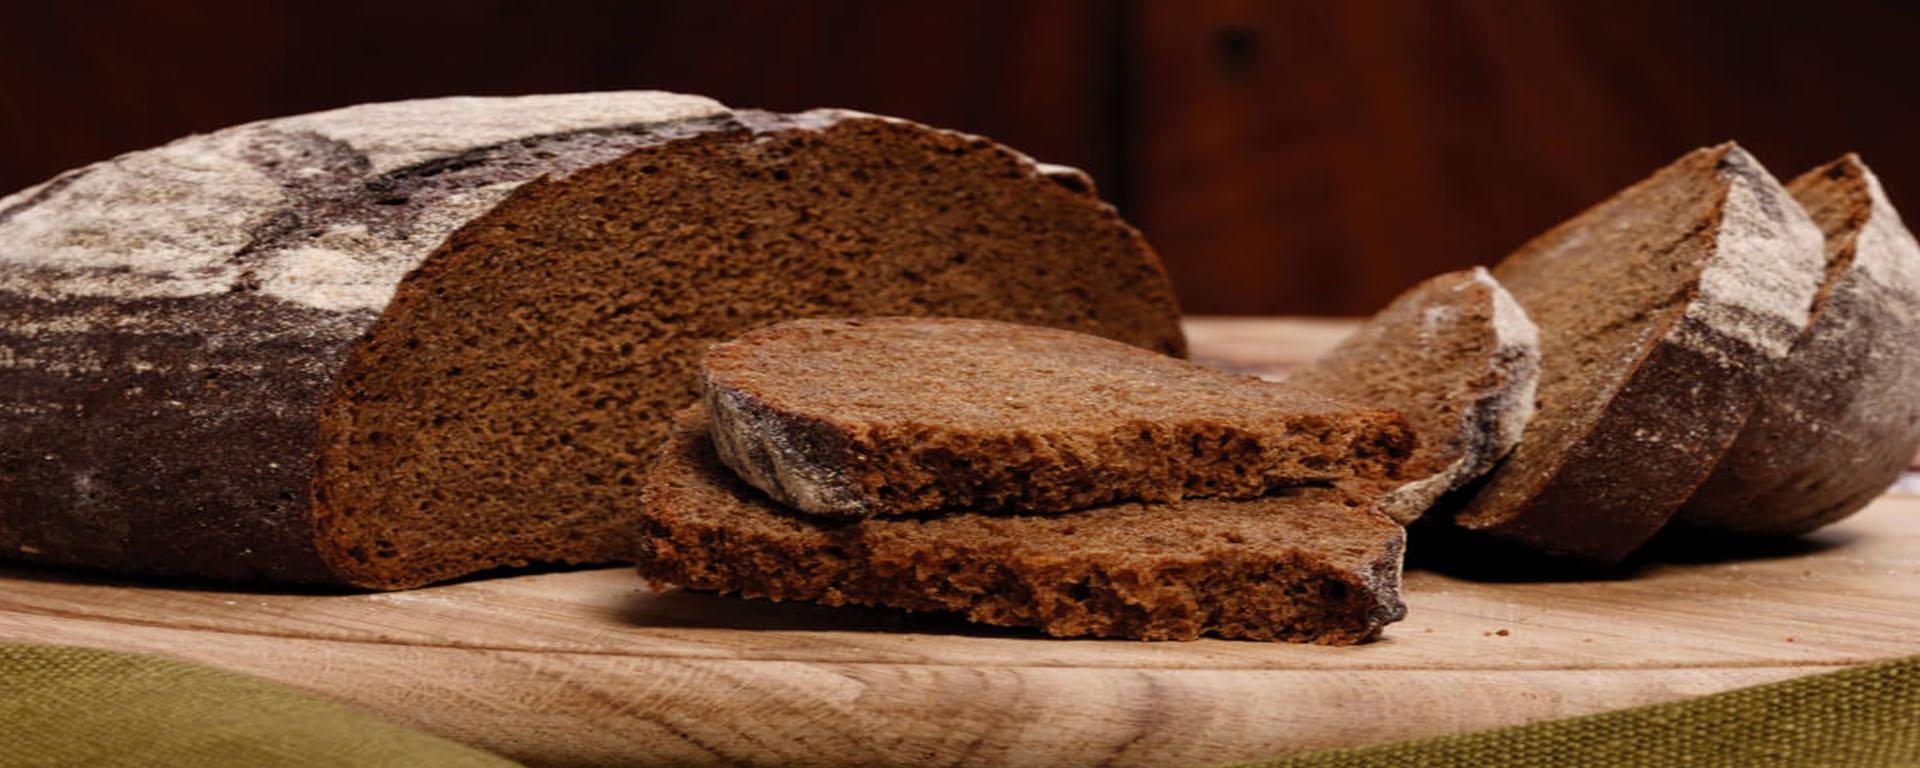 Desvendamos os mistérios sobre o pão de centeio